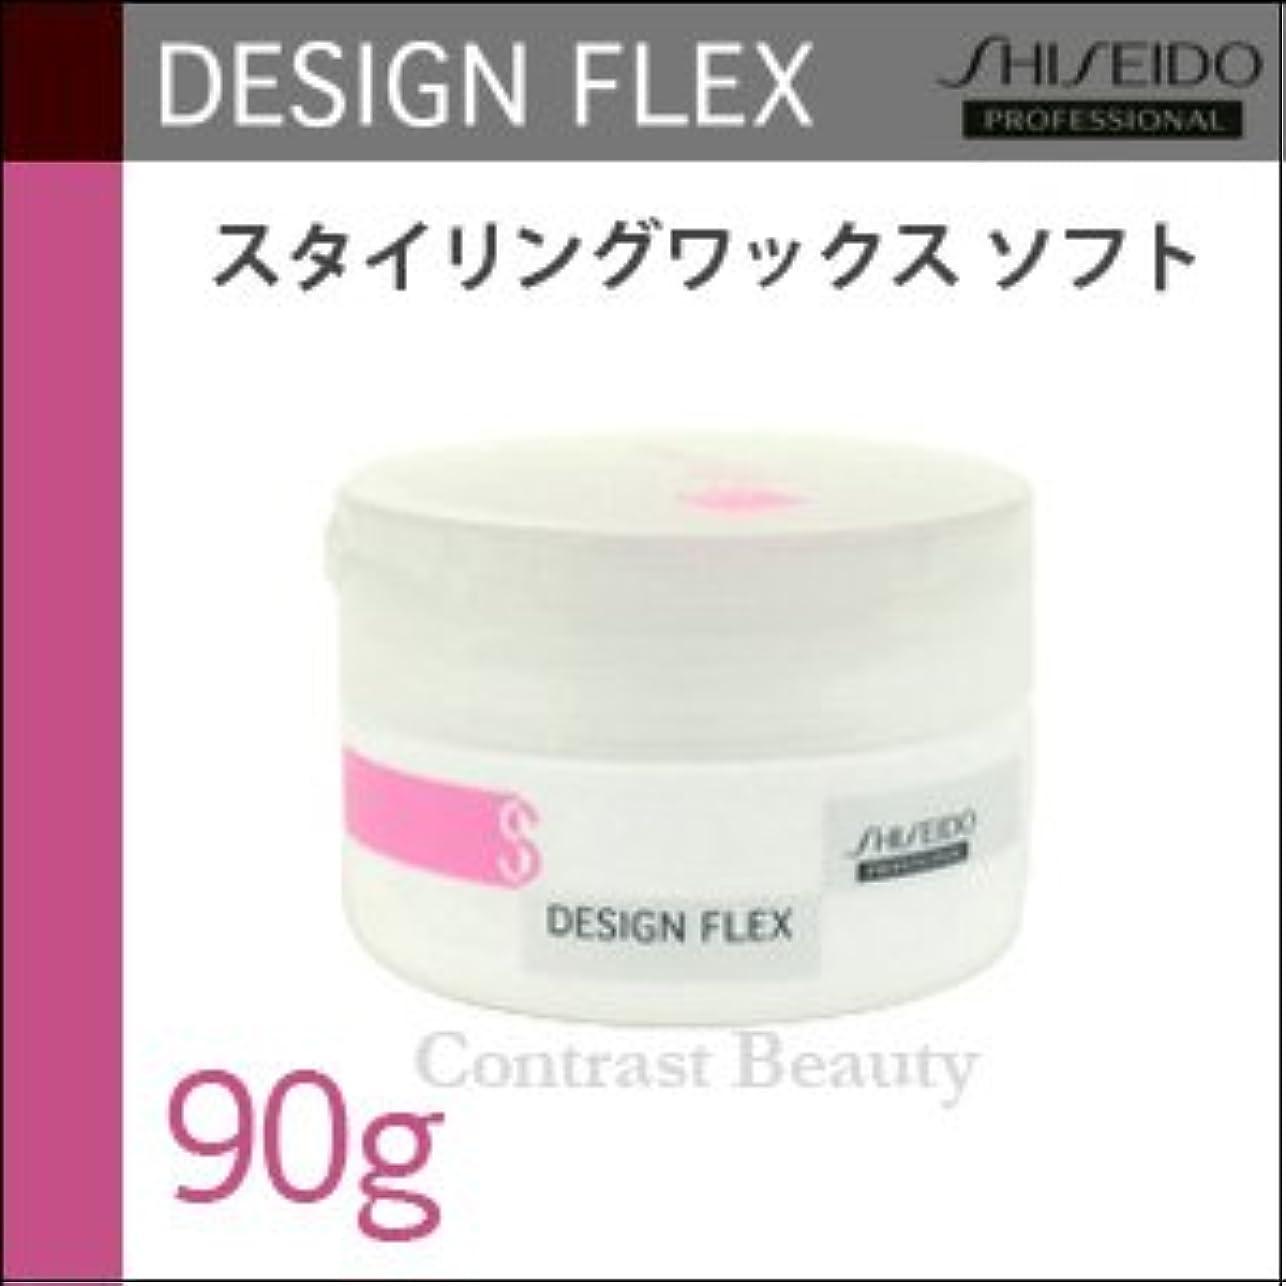 勃起トレイ口【X3個セット】 資生堂プロフェッショナル デザインフレックス スタイリングワックス ソフト 90g shiseido PROFESSIONAL